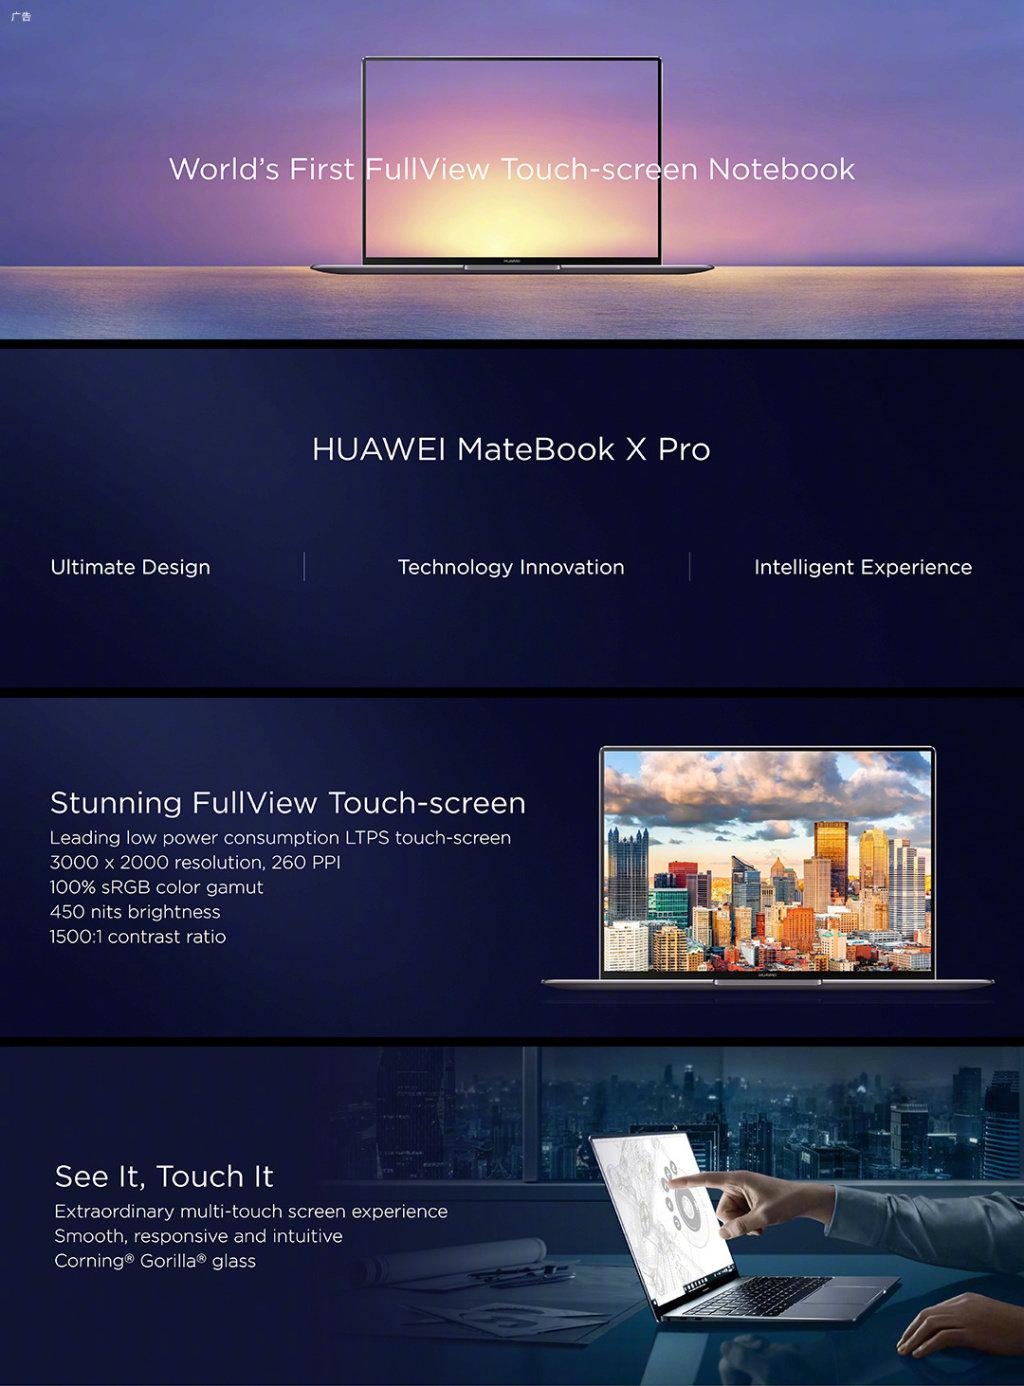 全球首款全面屏笔记本:华为MateBook X Pro正式发布 - 热点资讯 首页 第6张